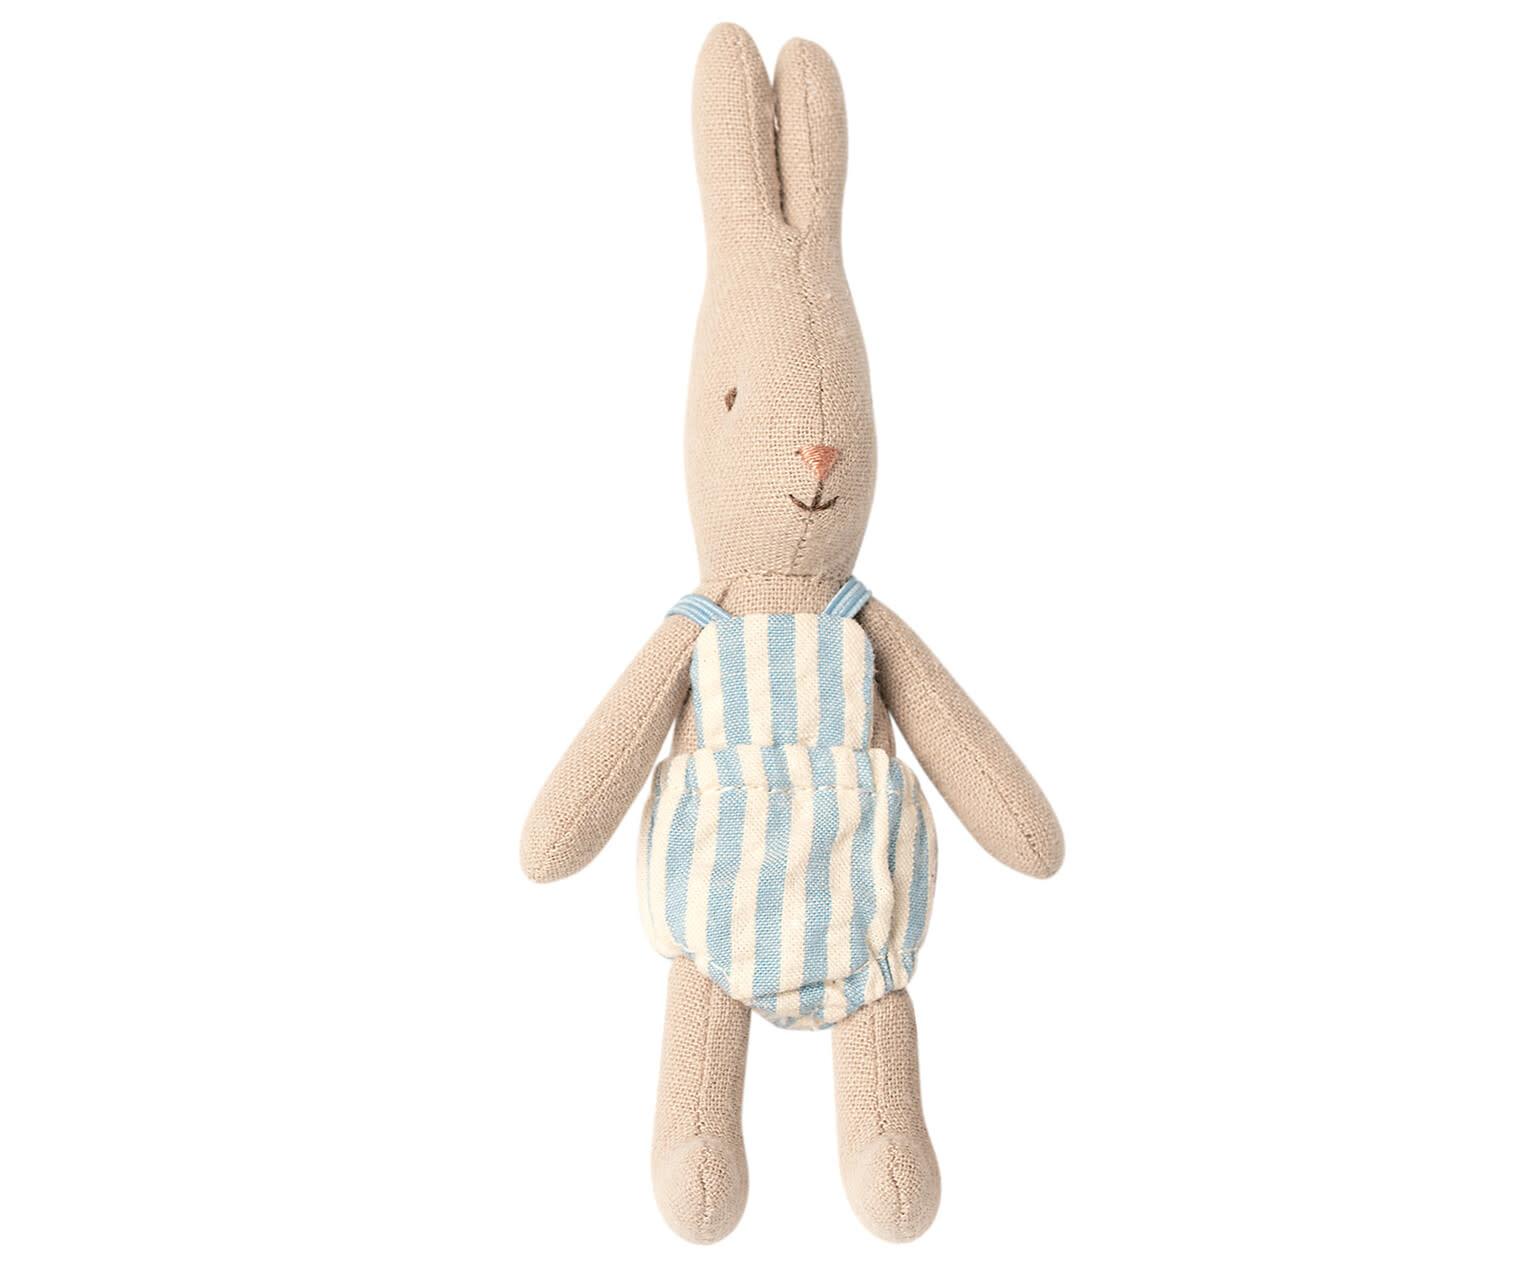 Rabbit micro-1